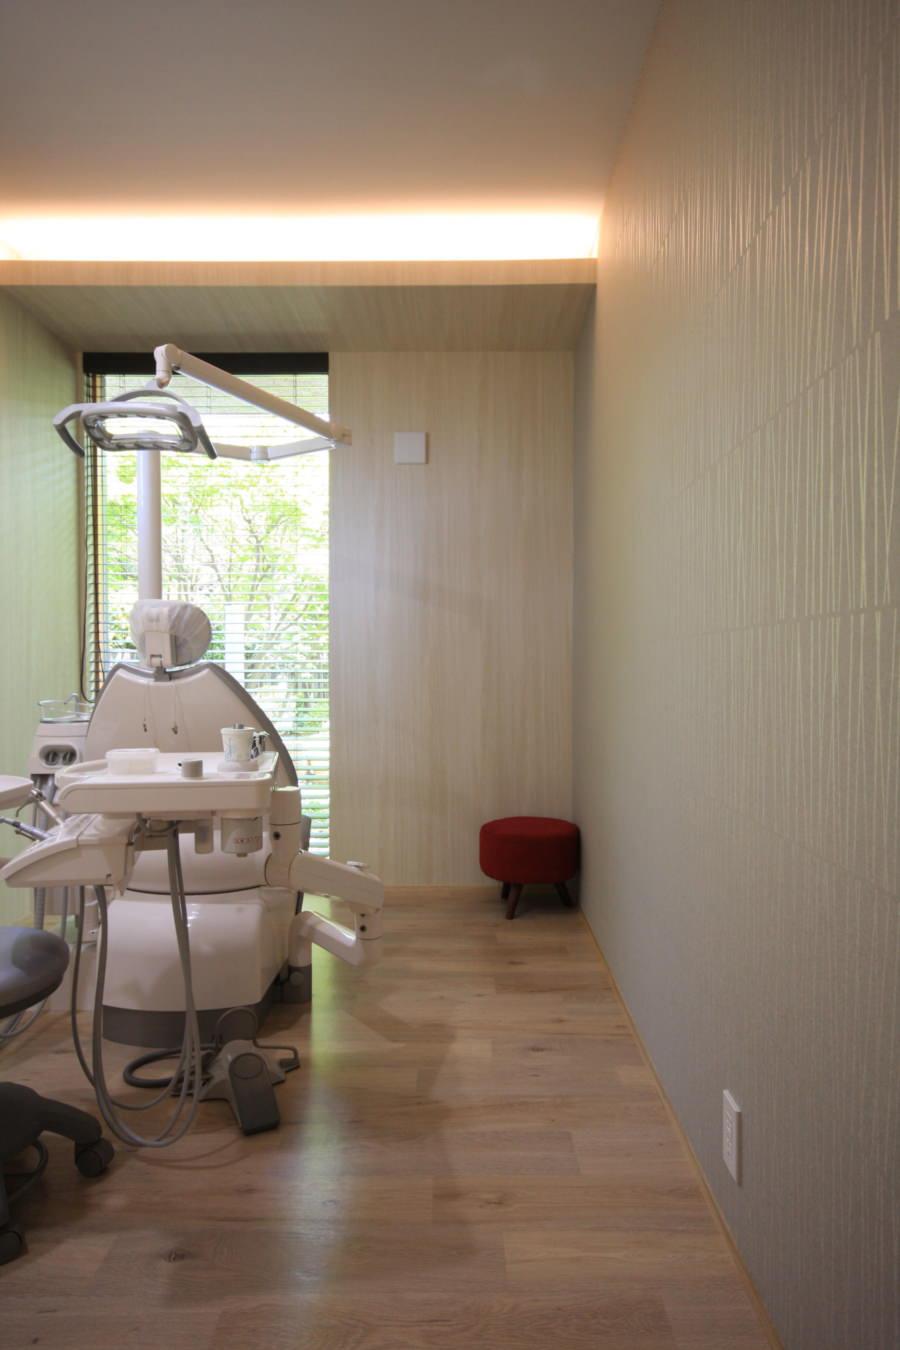 A歯科クリニック(医院併用住宅)